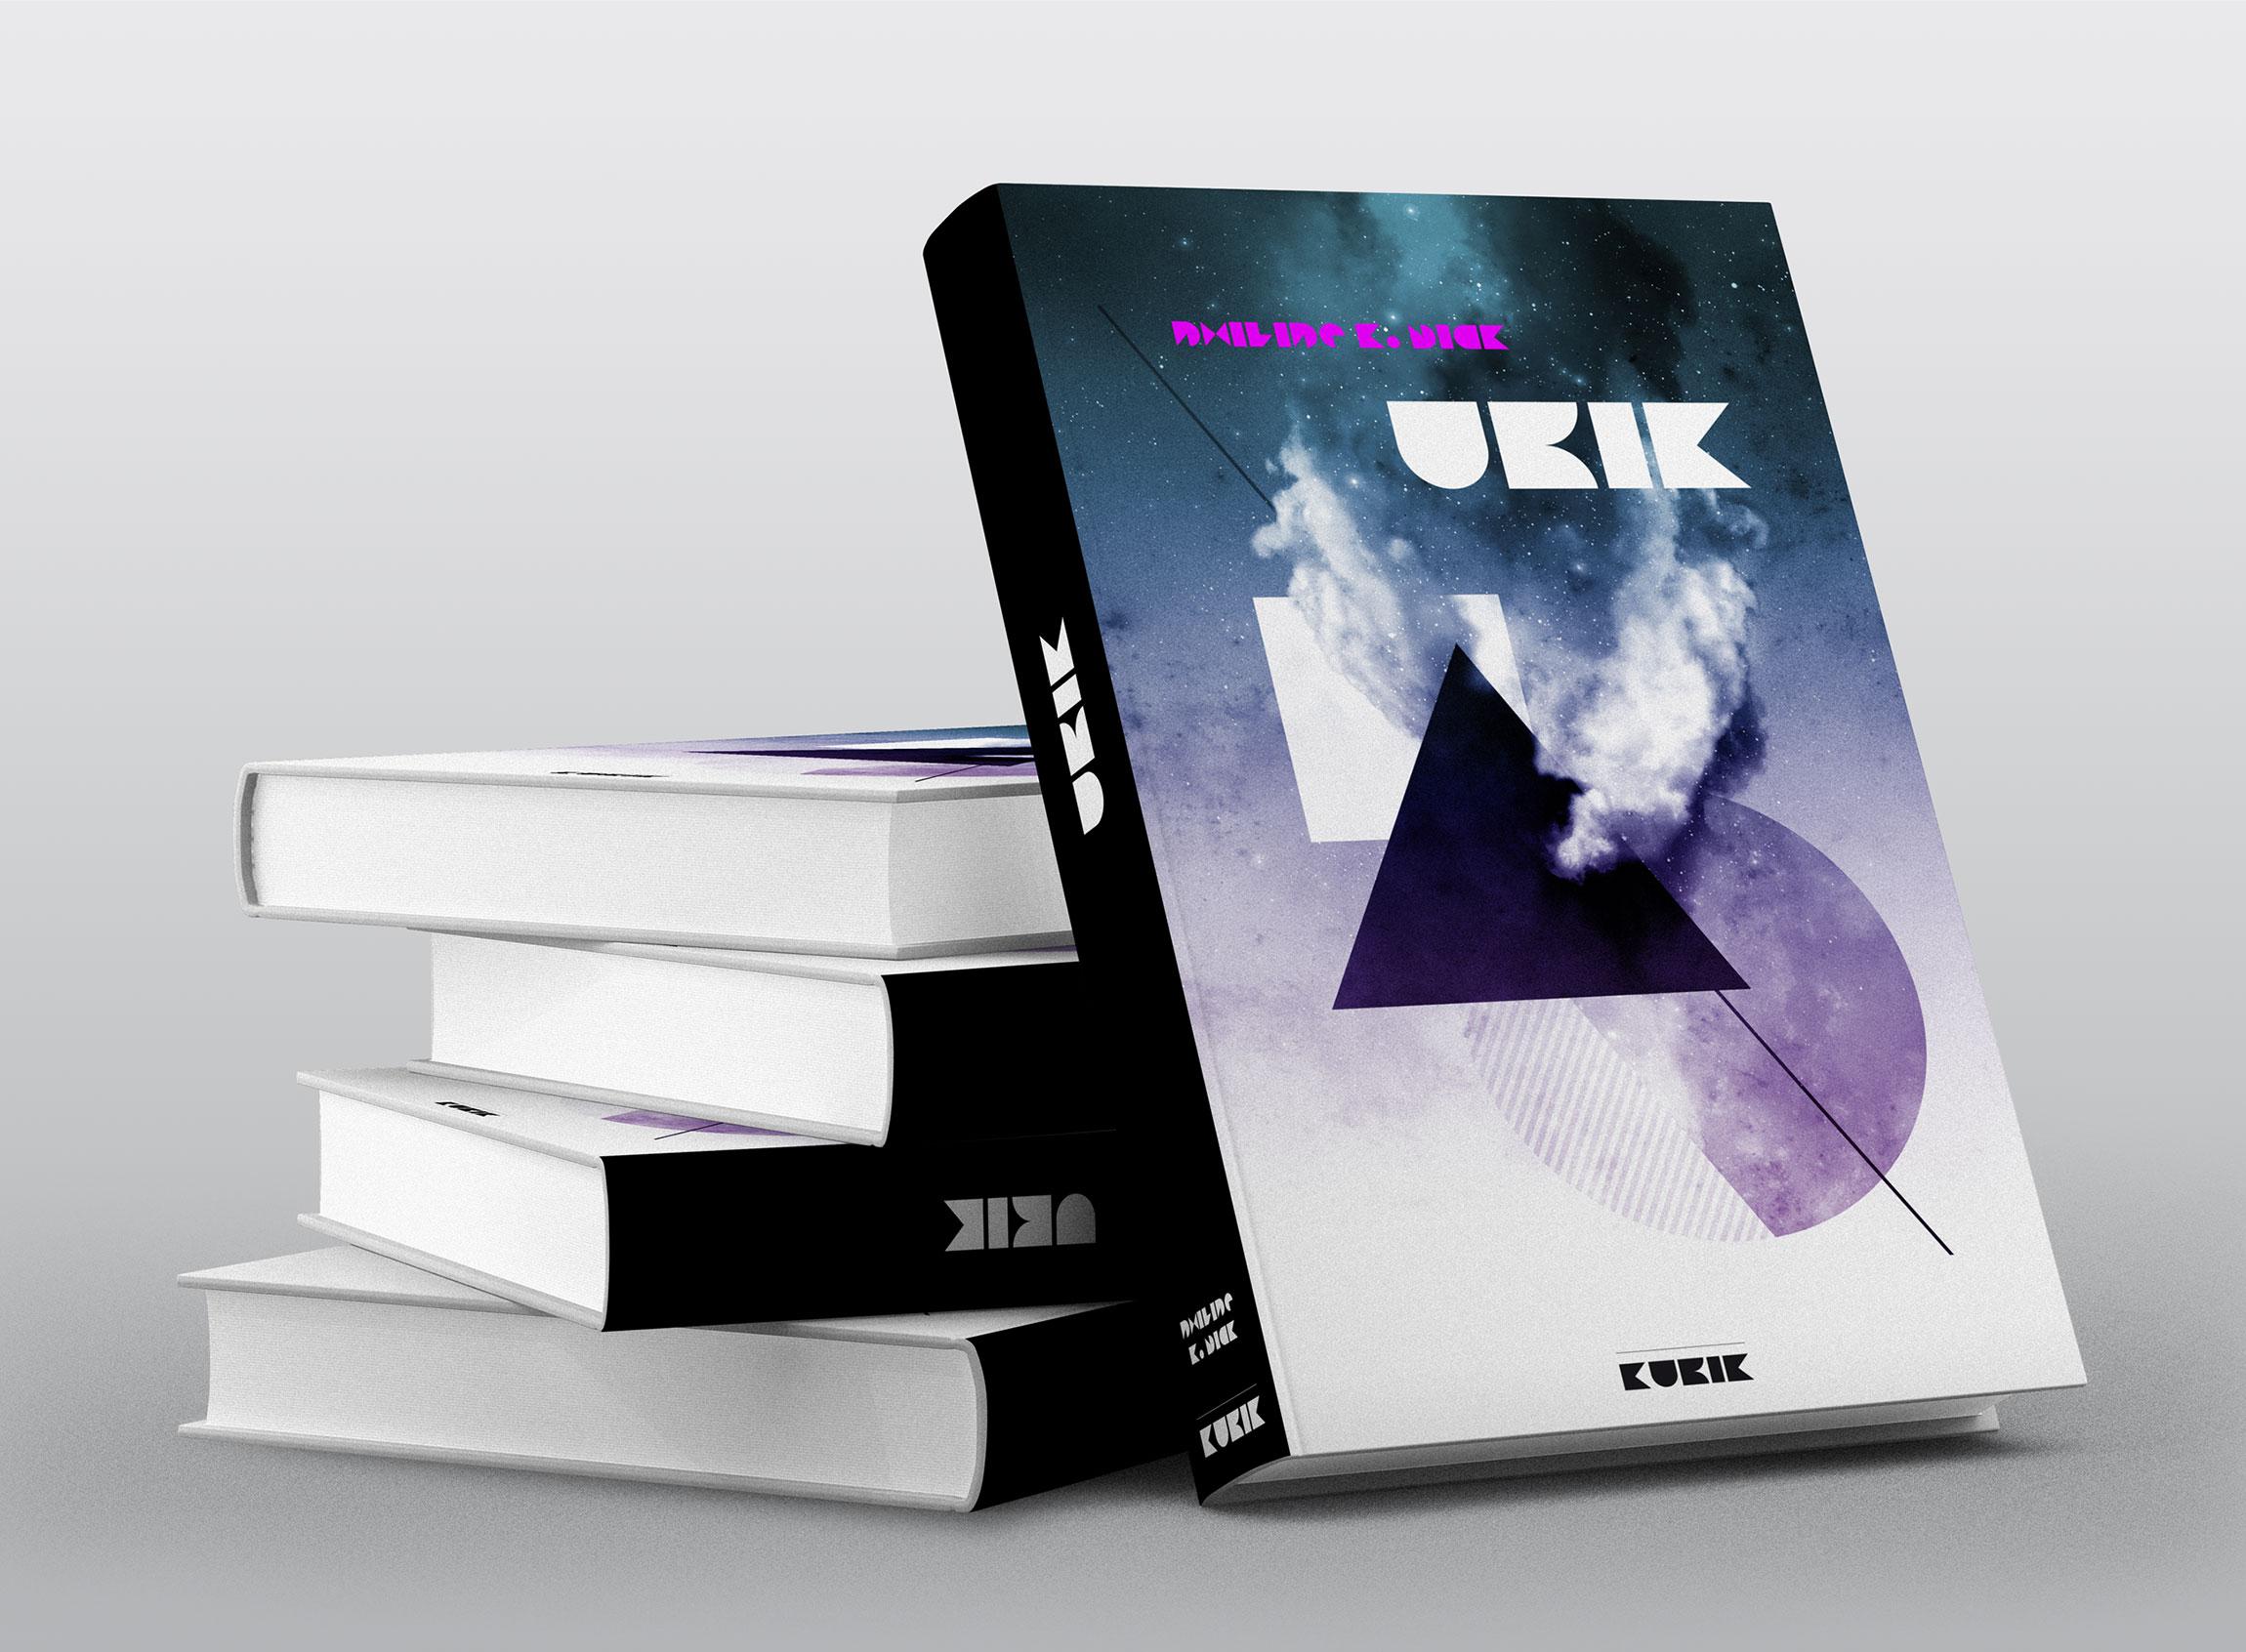 Création couverture de livre UBIK de Philipe K.Dick pour KUBIK